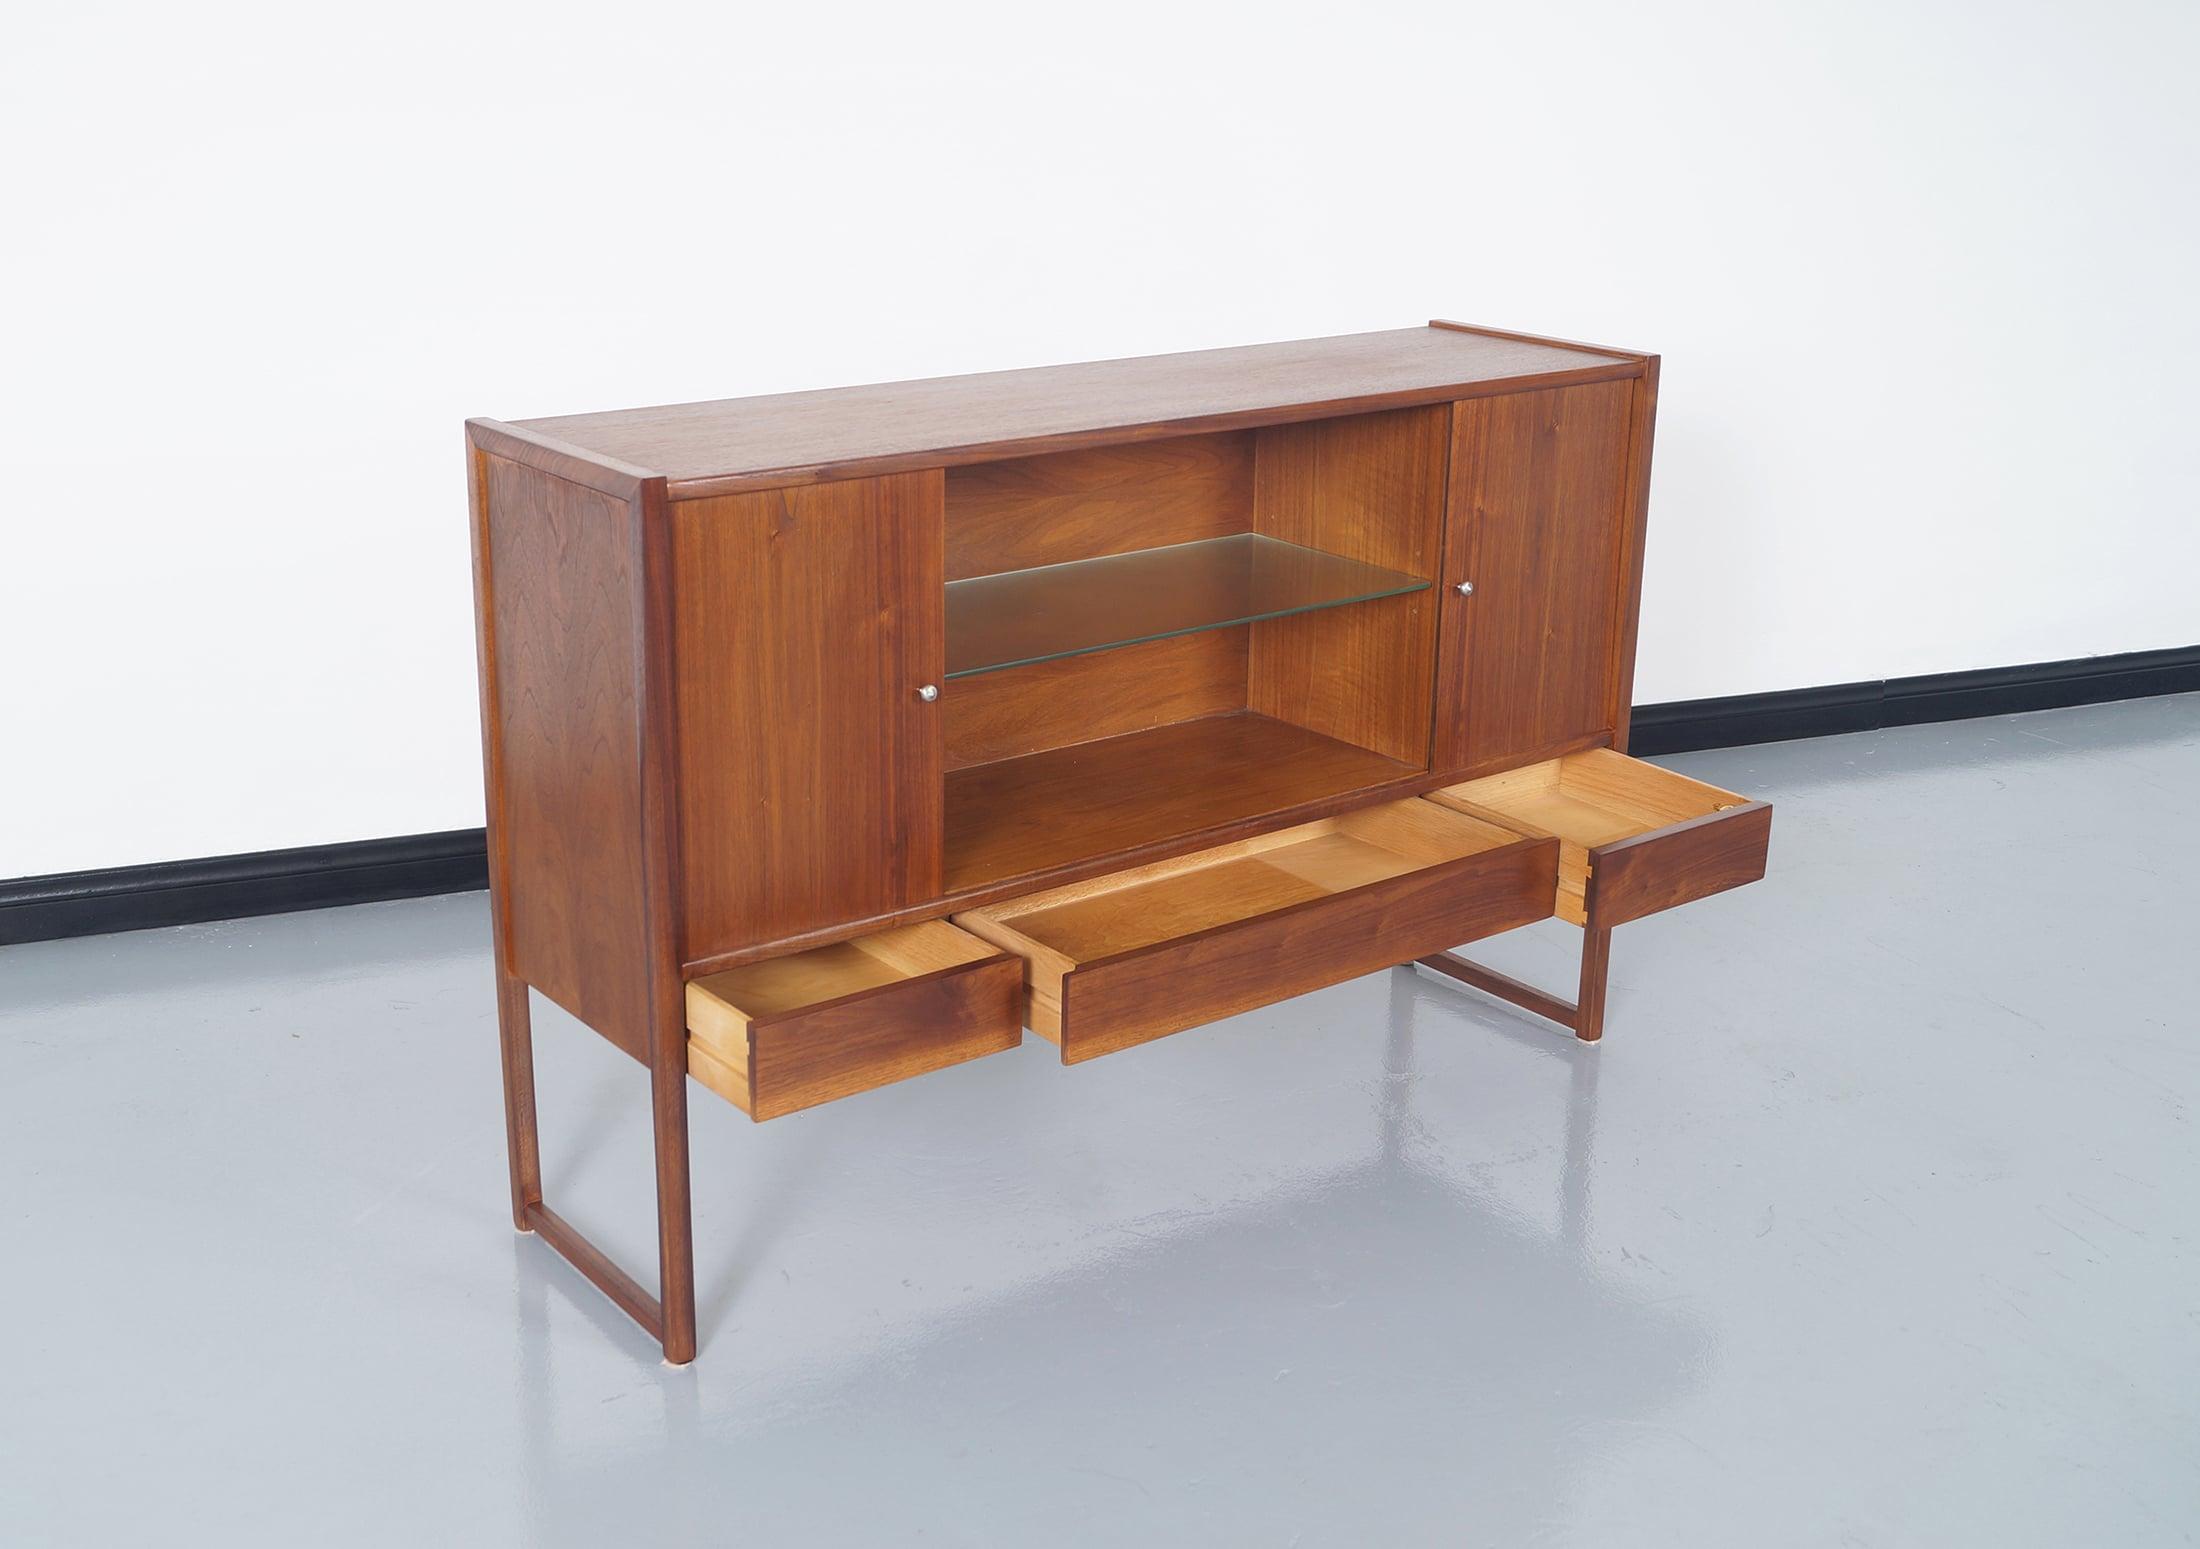 Vintage Walnut Cabinet by John Keal